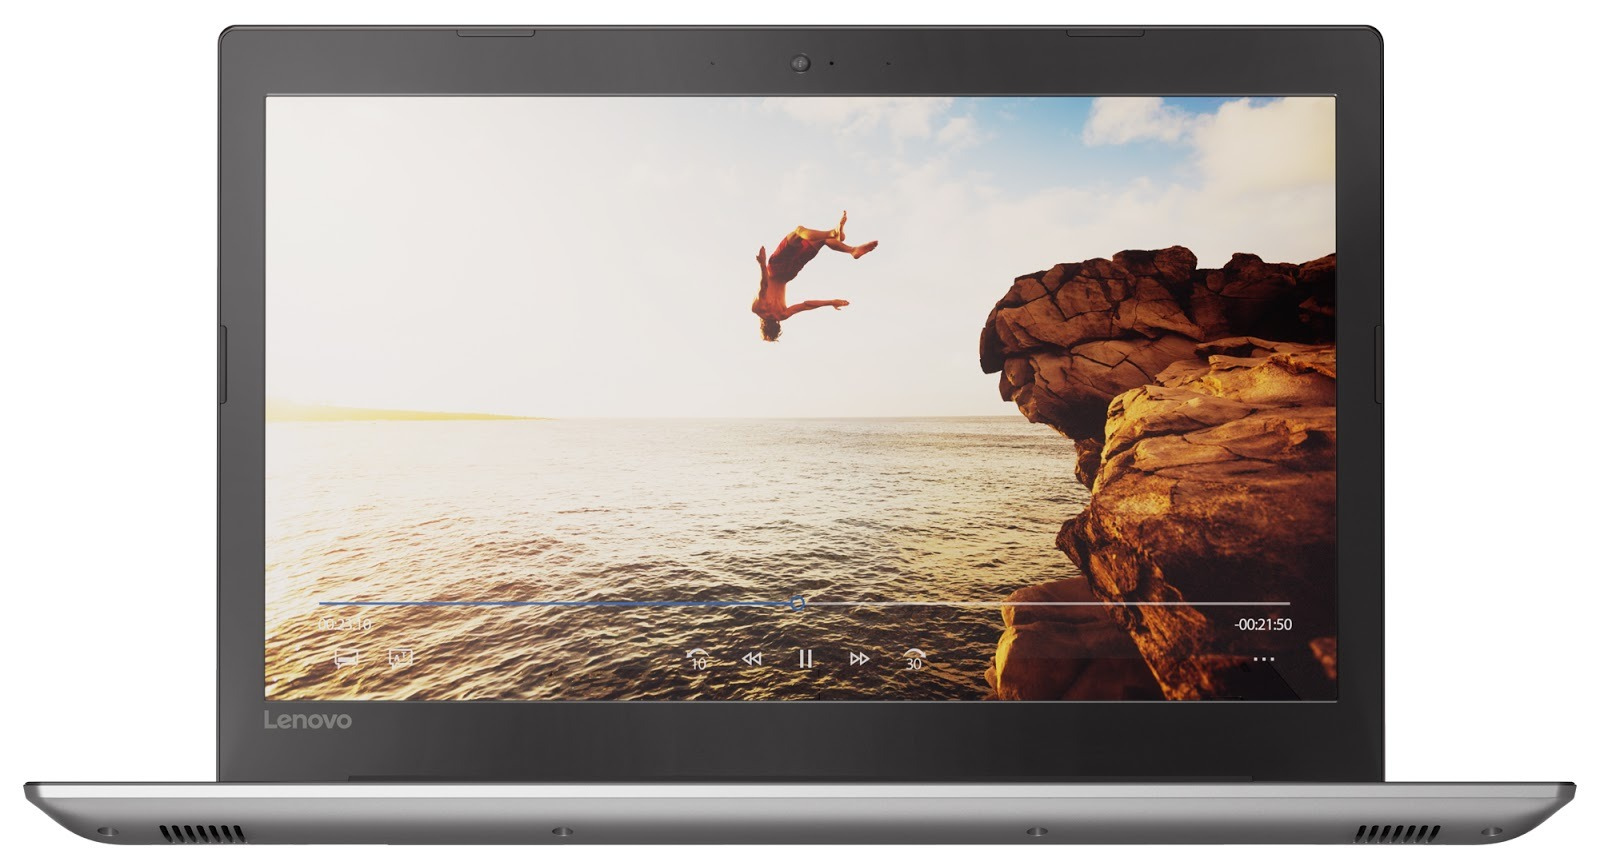 Фото 2. Ноутбук Lenovo ideapad 520-15IKBR Iron Grey (81BF001CRU)